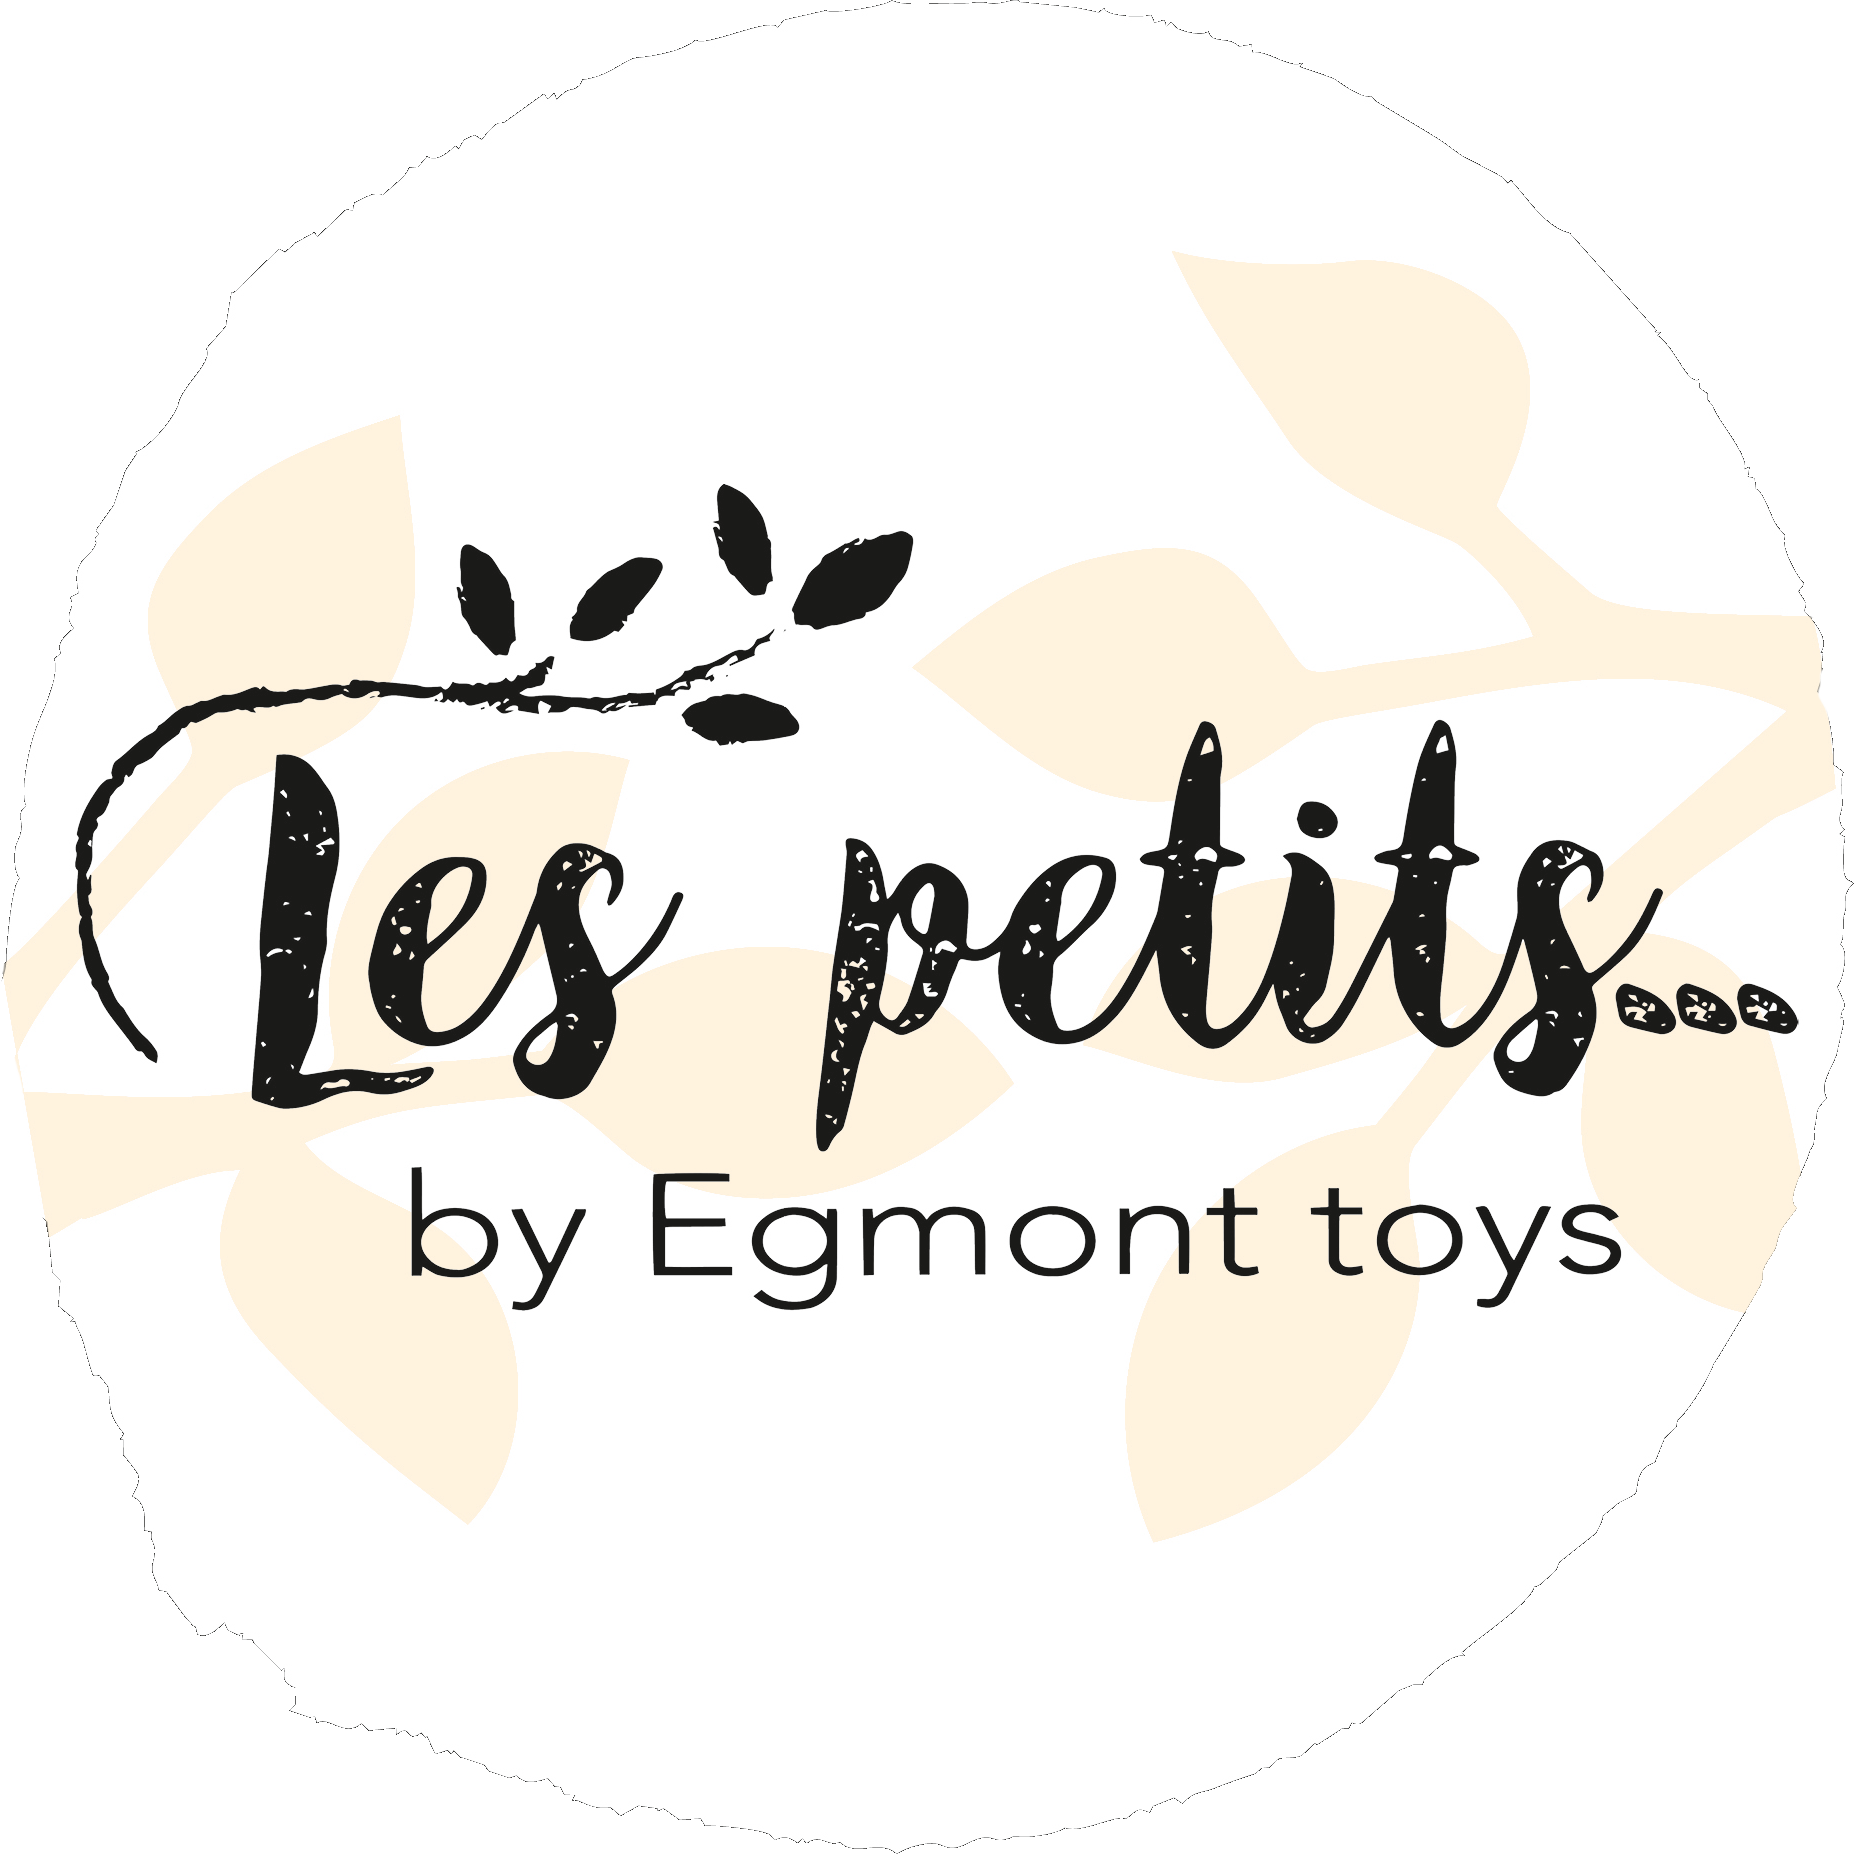 Les Petit by Egmont Toys